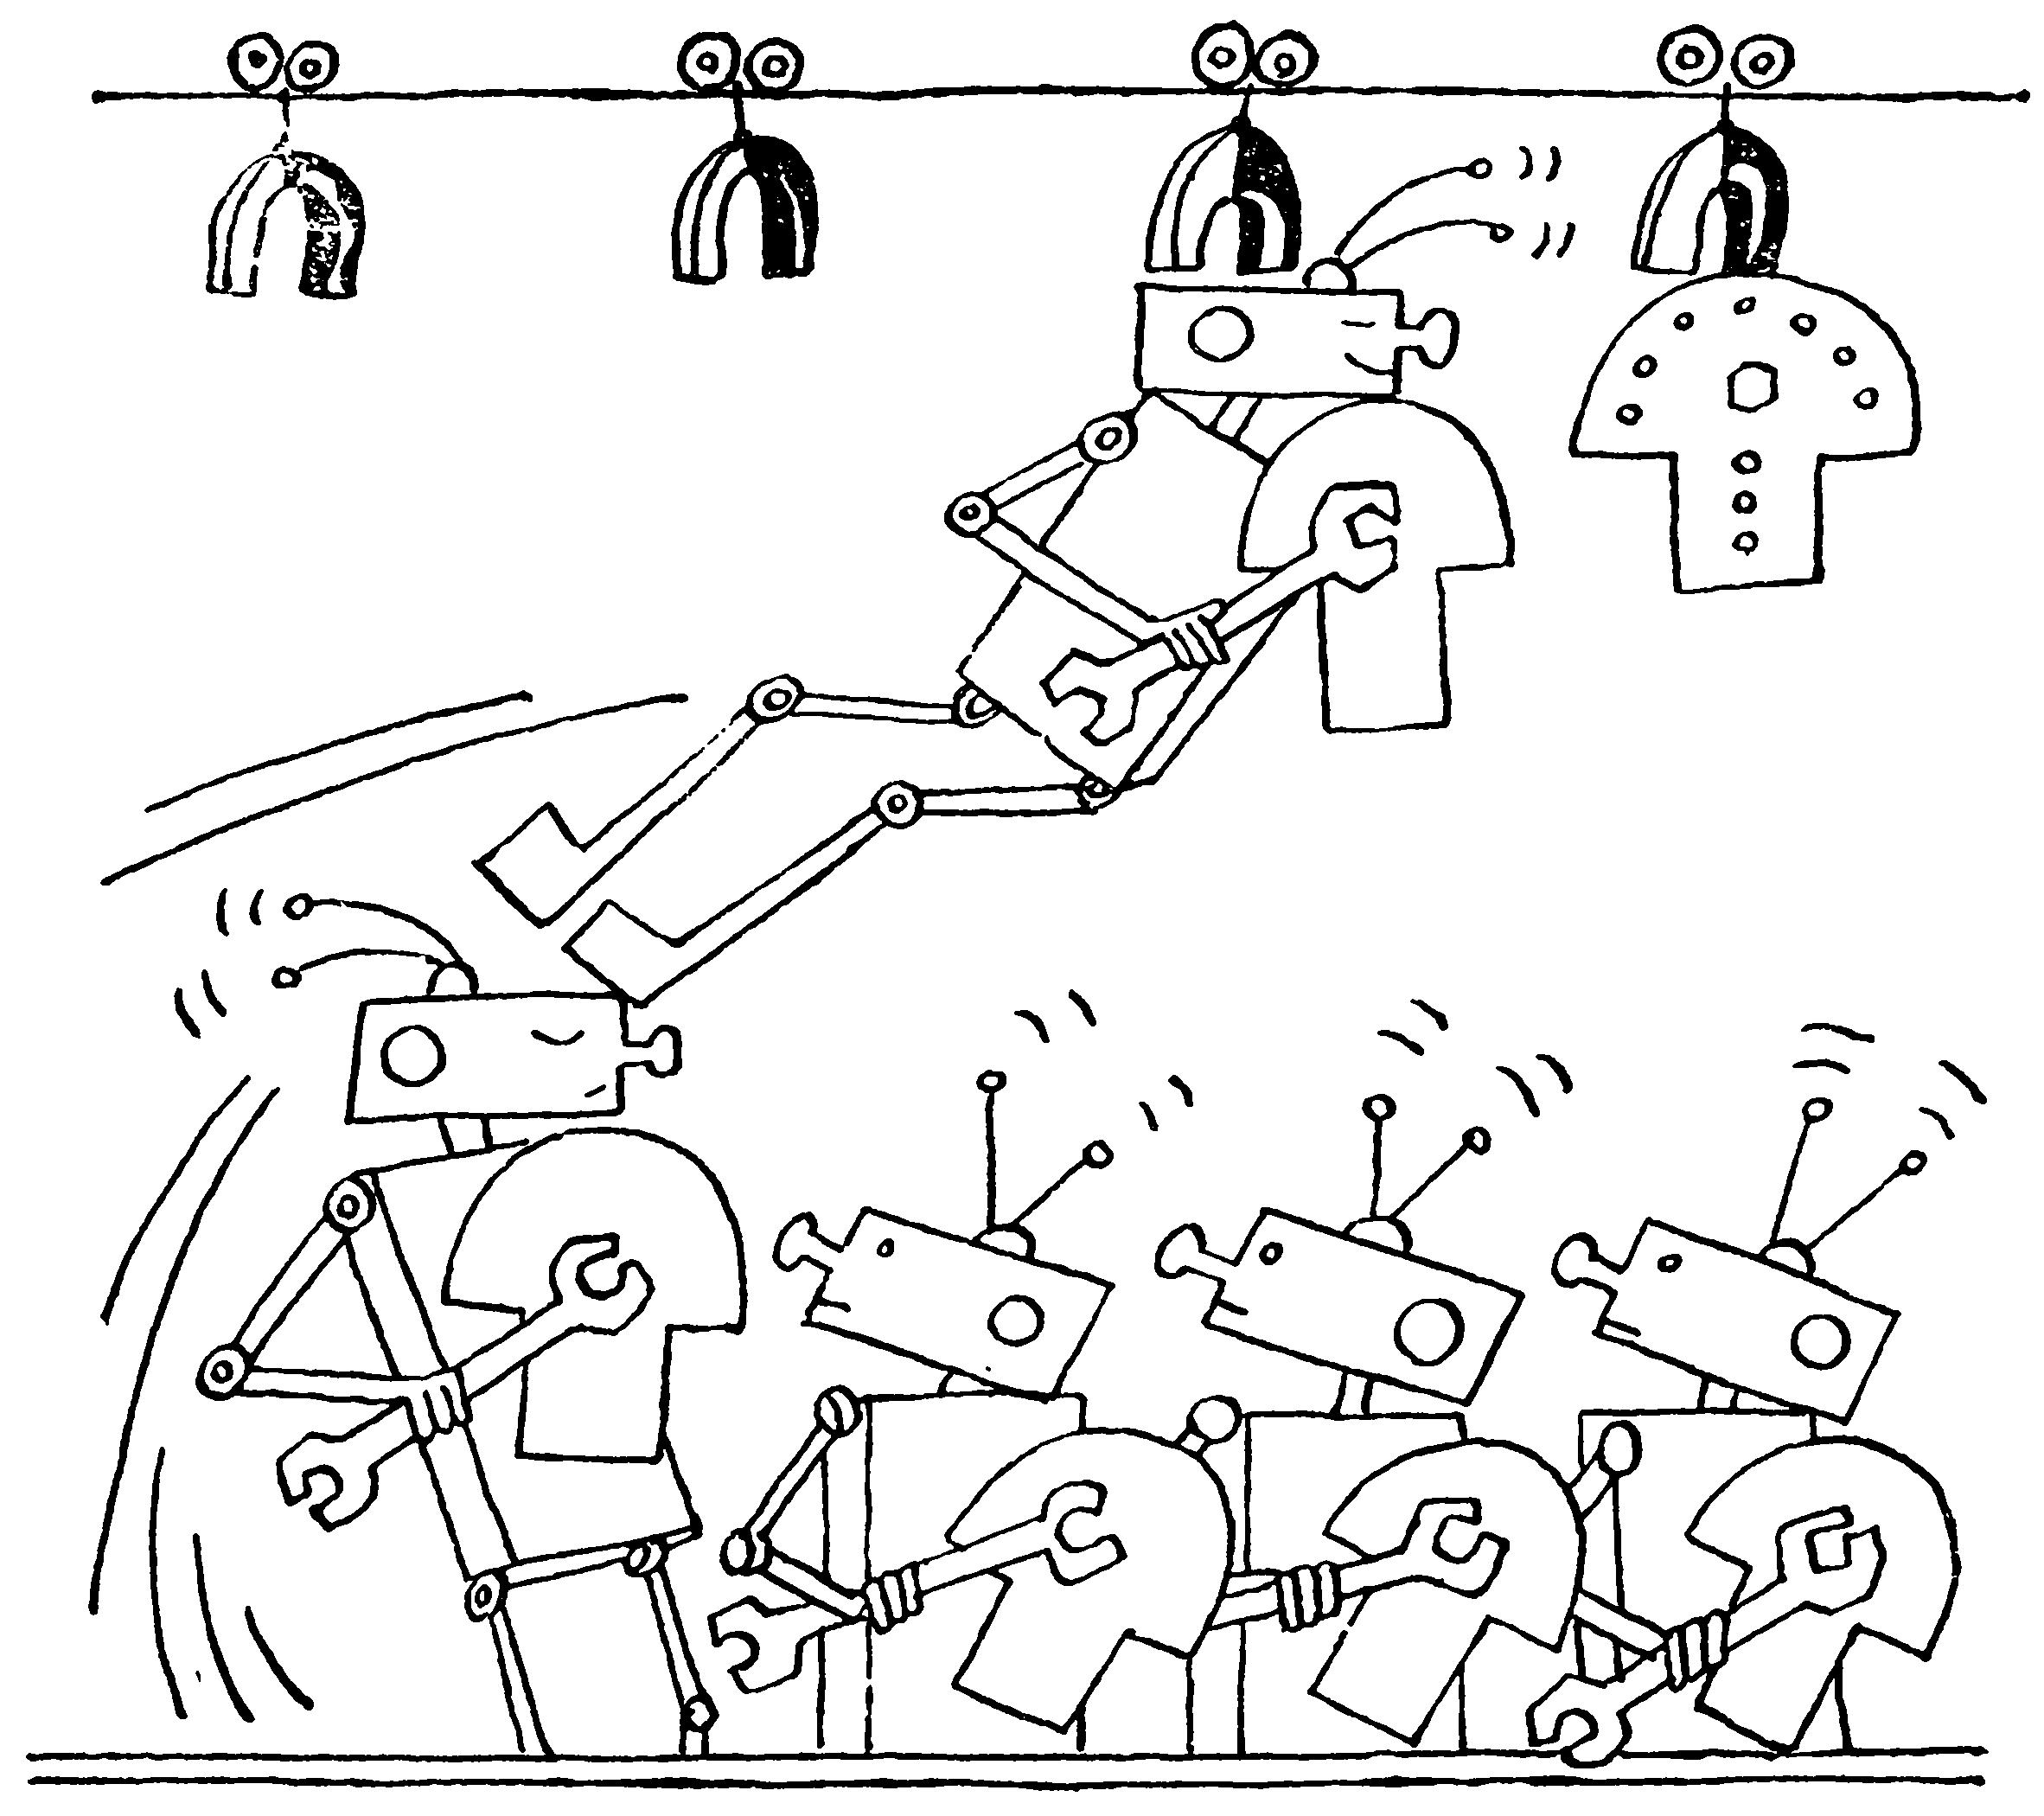 знакомьтесь роботы артоболевский и ко